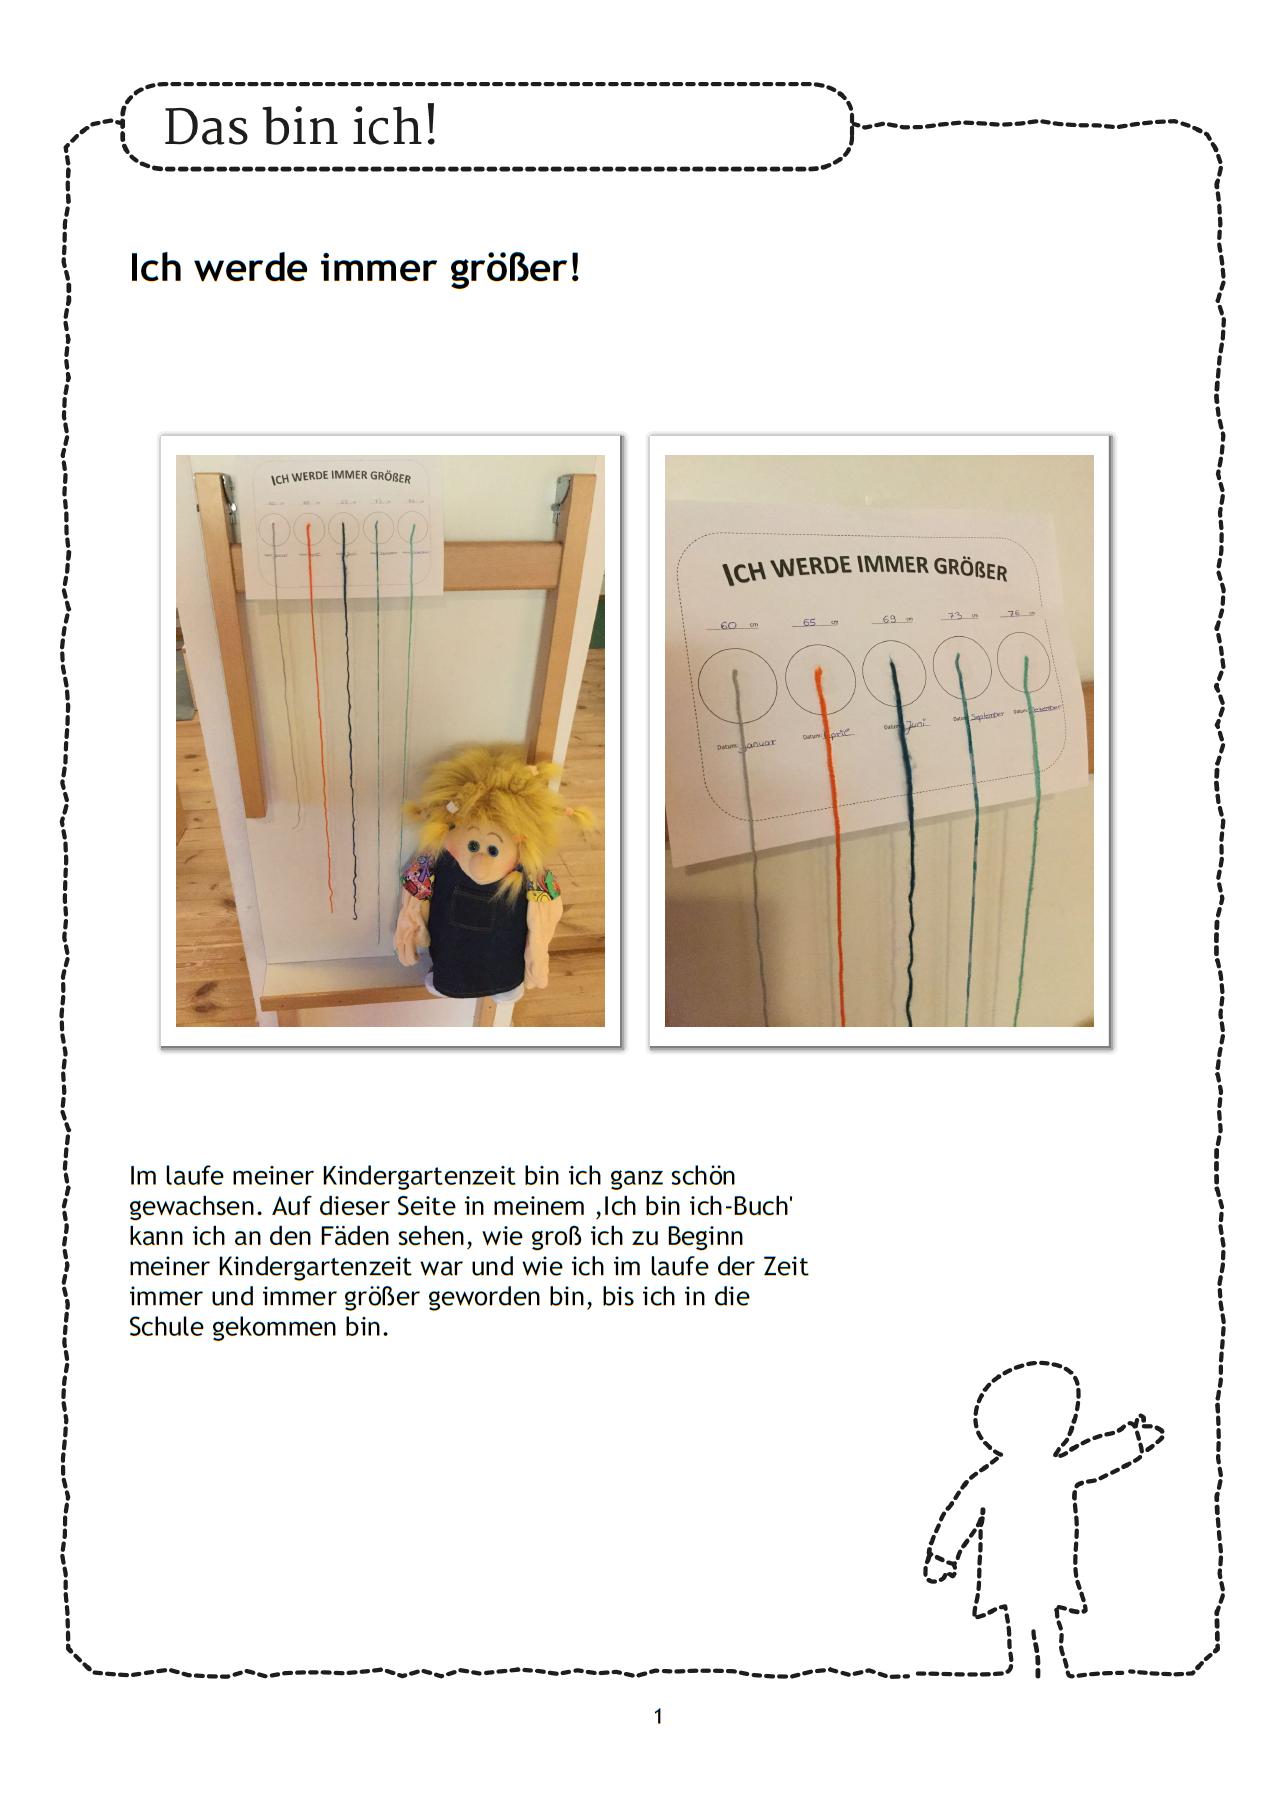 Ich Bin Ich Buch In Der Kita Wie Ware Es Hier Mit Einem Beitrag Dazu Wie Die Kinder Gewachsen Sind Jedes Kind Portfolio Kindergarten Bucher Portfolioarbeit